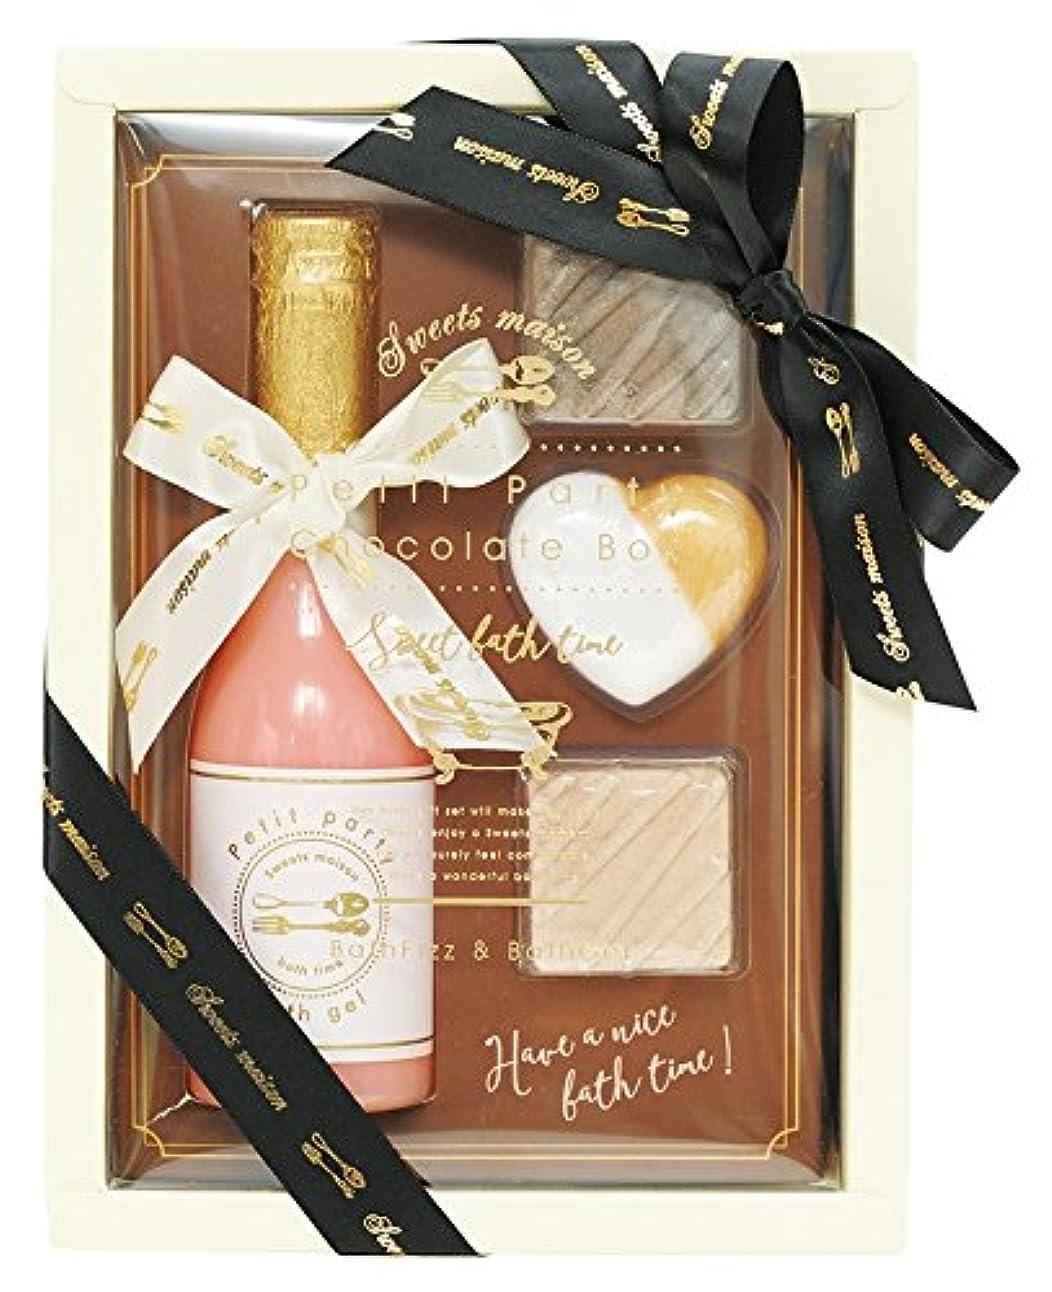 写真の見分ける特権的ノルコーポレーション 入浴剤 ギフトセット チョコレートボックス ホワイトミックス OB-SMG-8-1